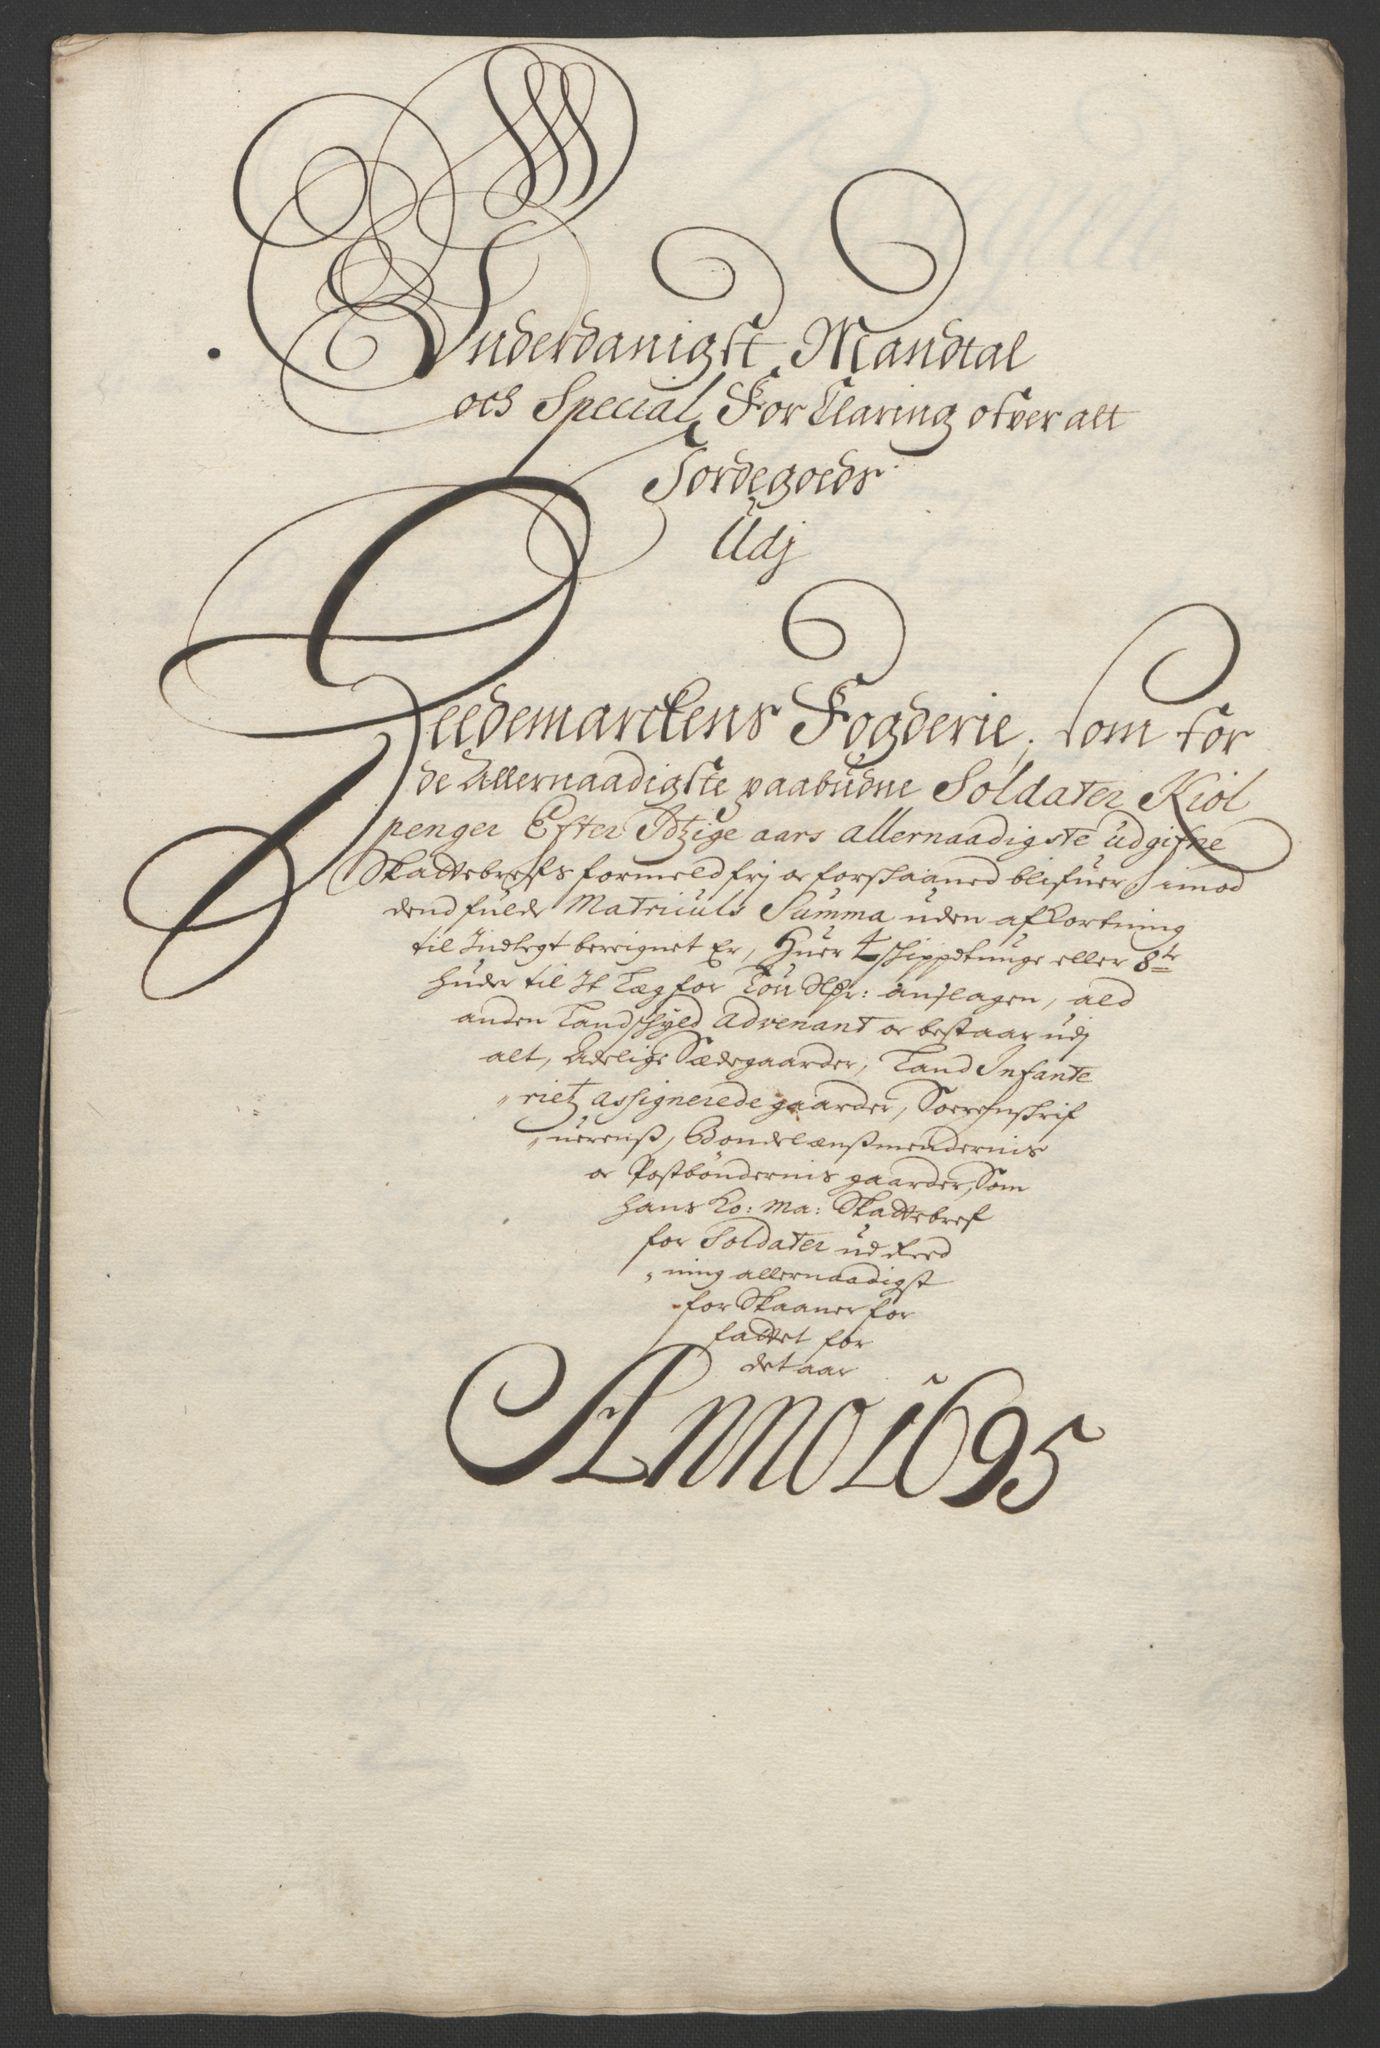 RA, Rentekammeret inntil 1814, Reviderte regnskaper, Fogderegnskap, R16/L1036: Fogderegnskap Hedmark, 1695-1696, s. 217